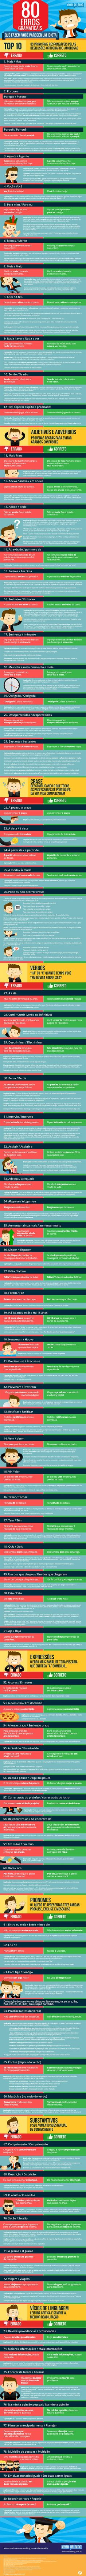 80 erros gramaticais da língua portuguesa que você precisa parar de cometer já!